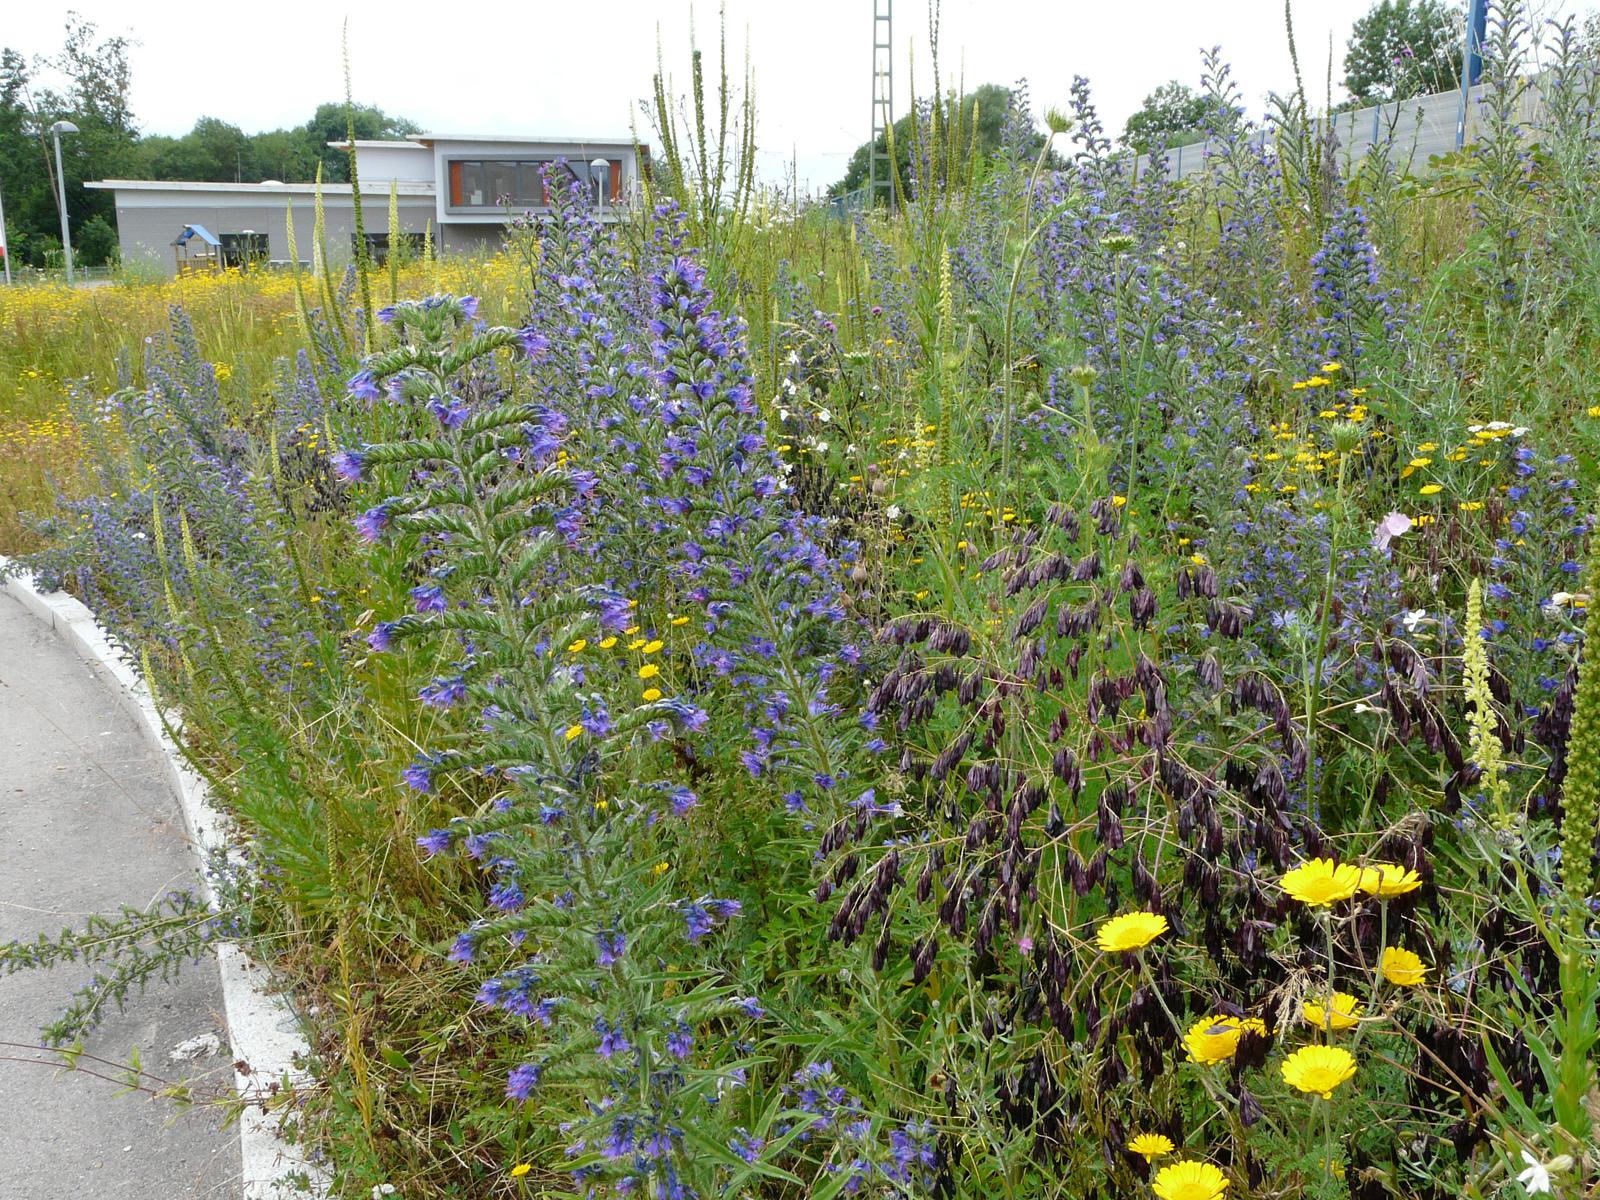 Blühstreifen an der Osttangente (südlich der Bahnlinie) nach der Pflanzaktion für Hummeln, Bienen und Co